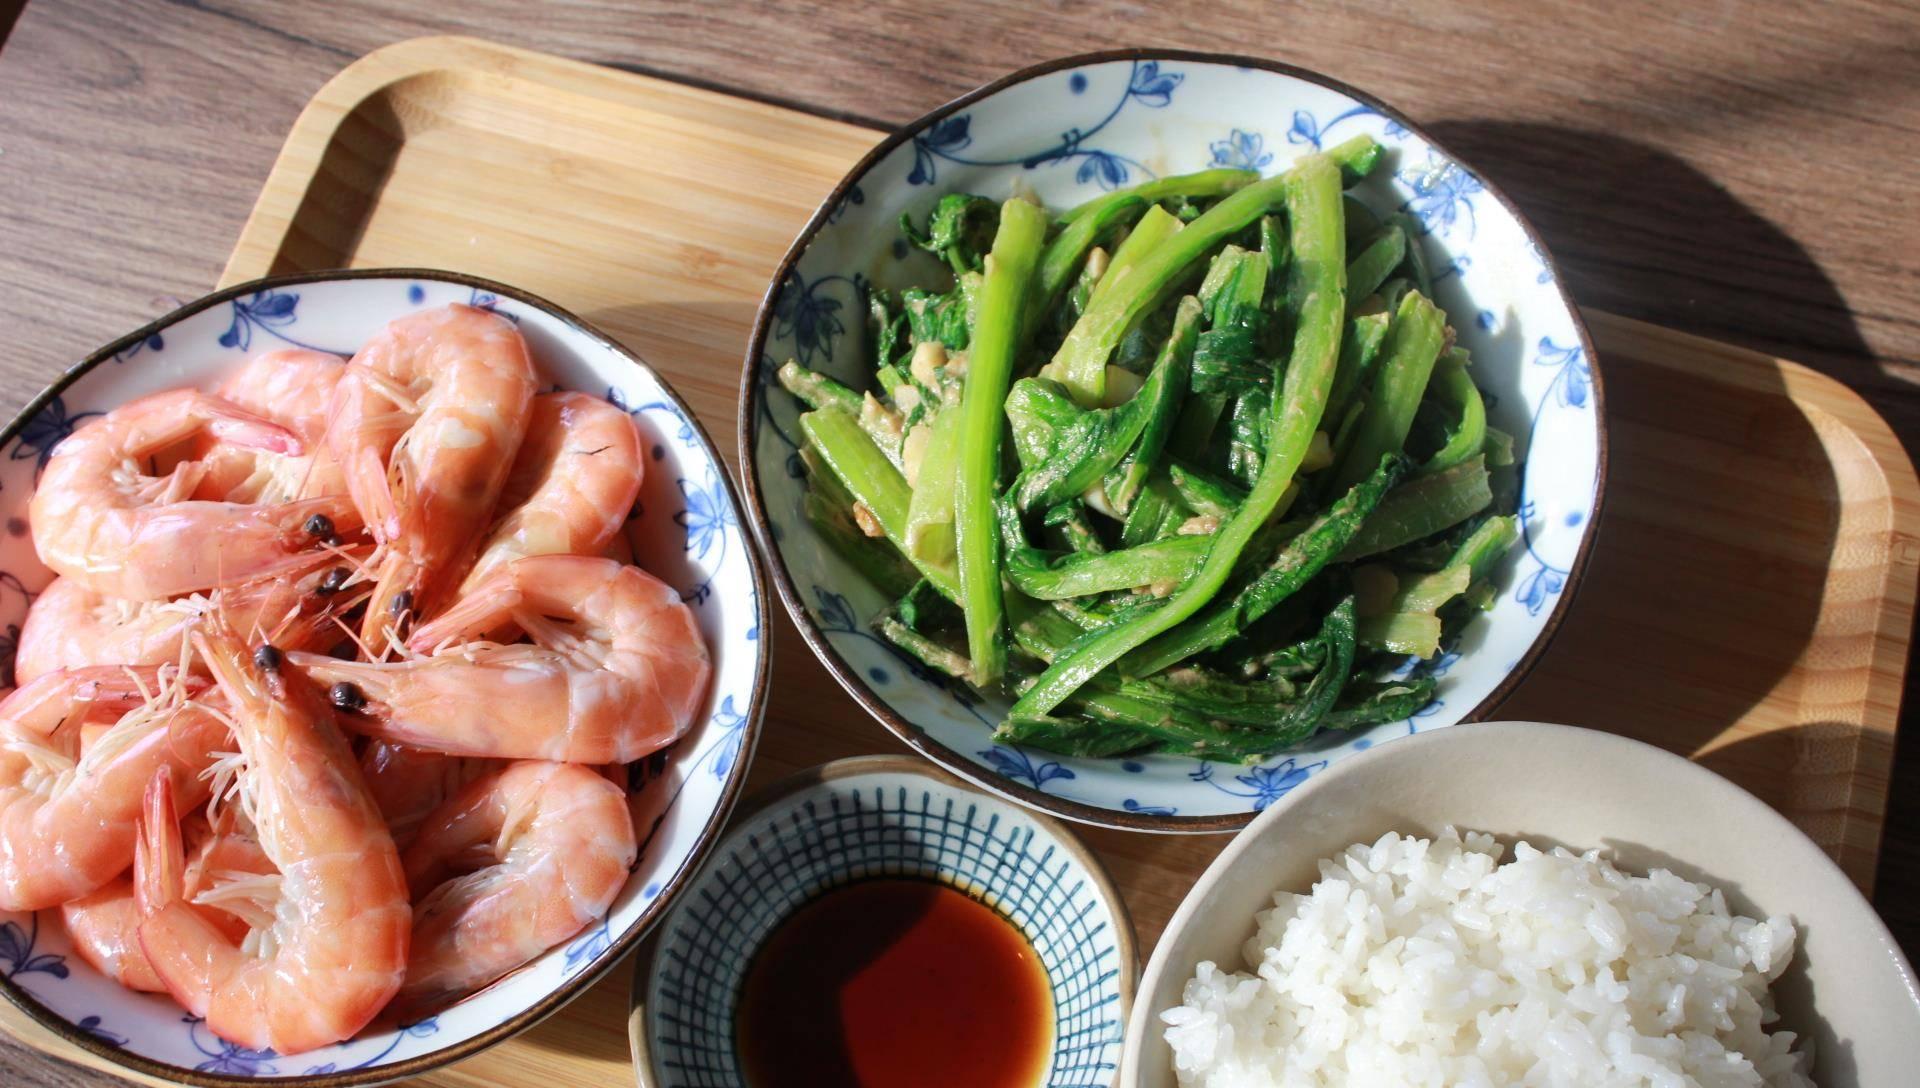 午餐青山这样学做,营养滋补健脾胃,增强抵抗力,简单又美味!